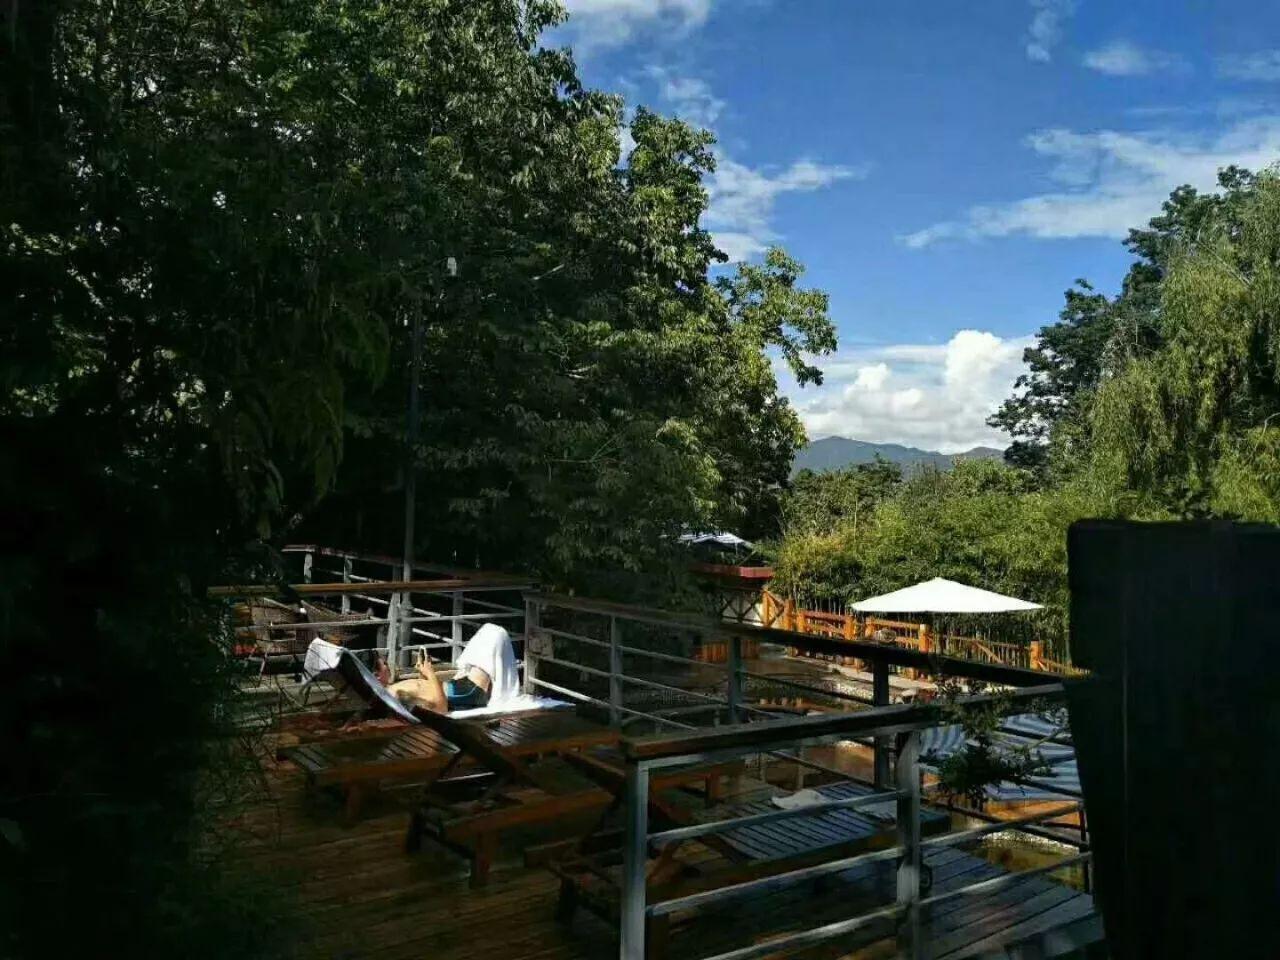 云南最适合自驾游的温泉景区风景独美我要去大自然中泡温泉!(图37)